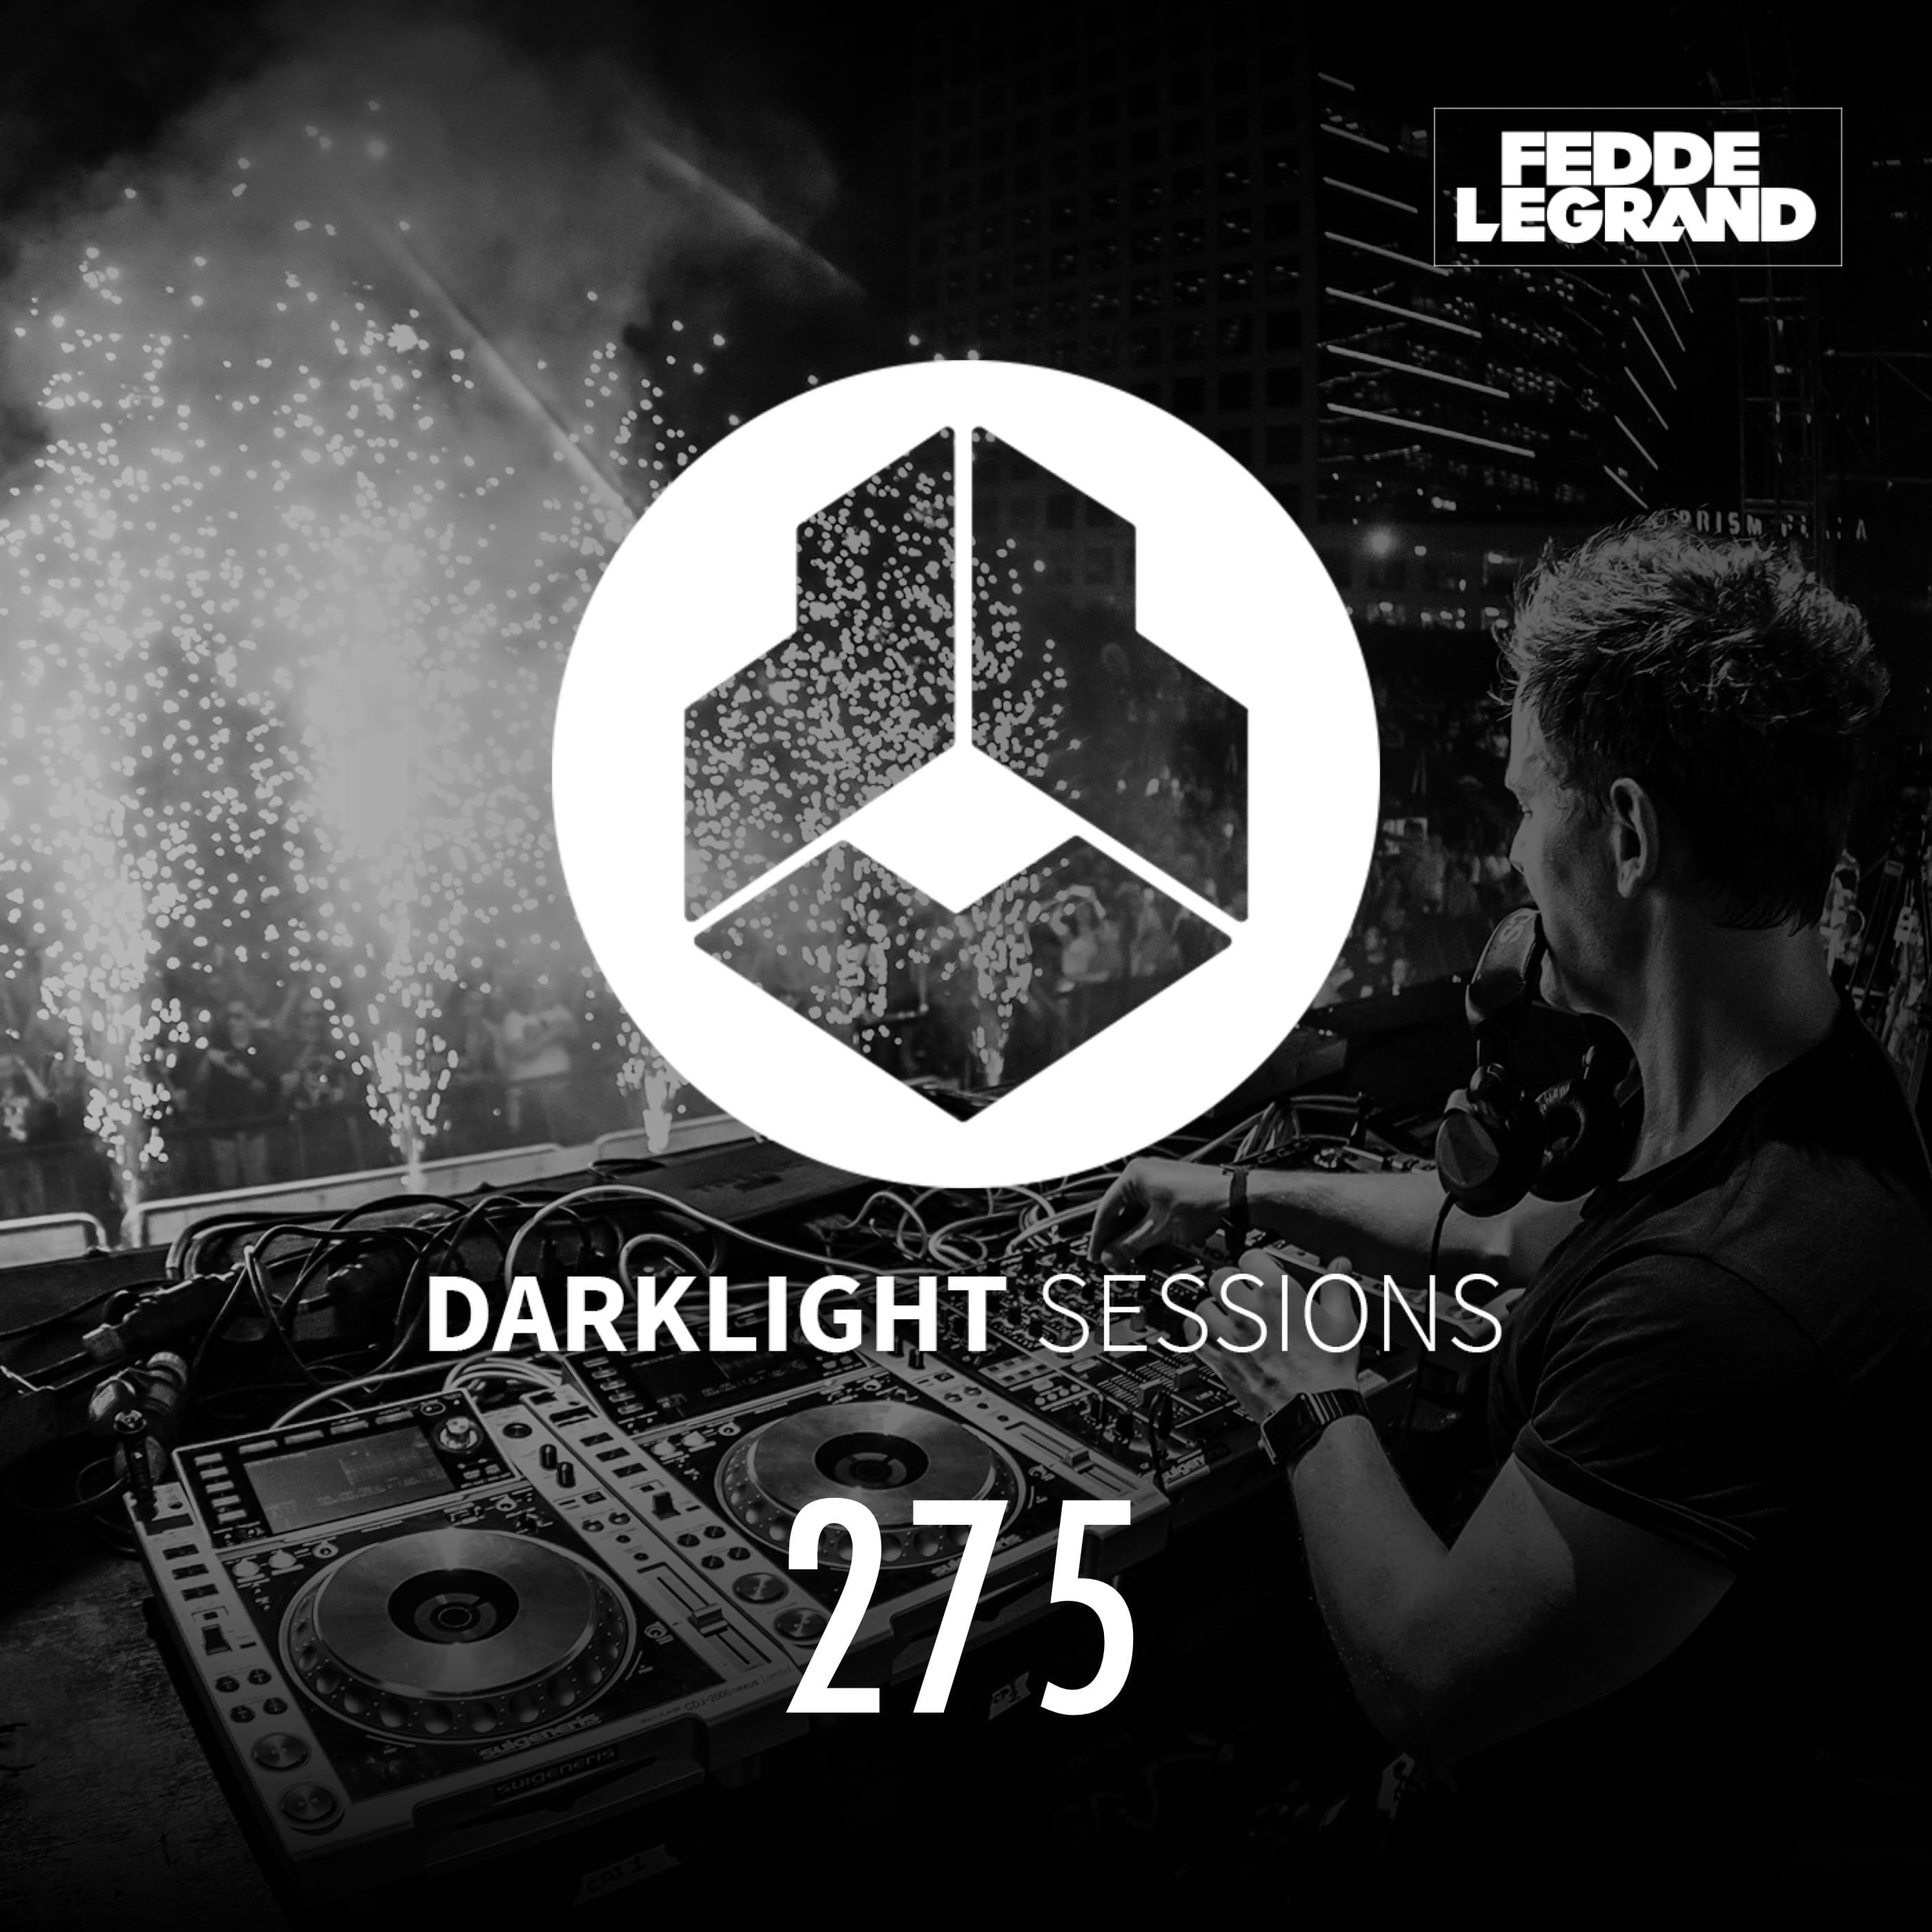 Artwork for Darklight Sessions 275